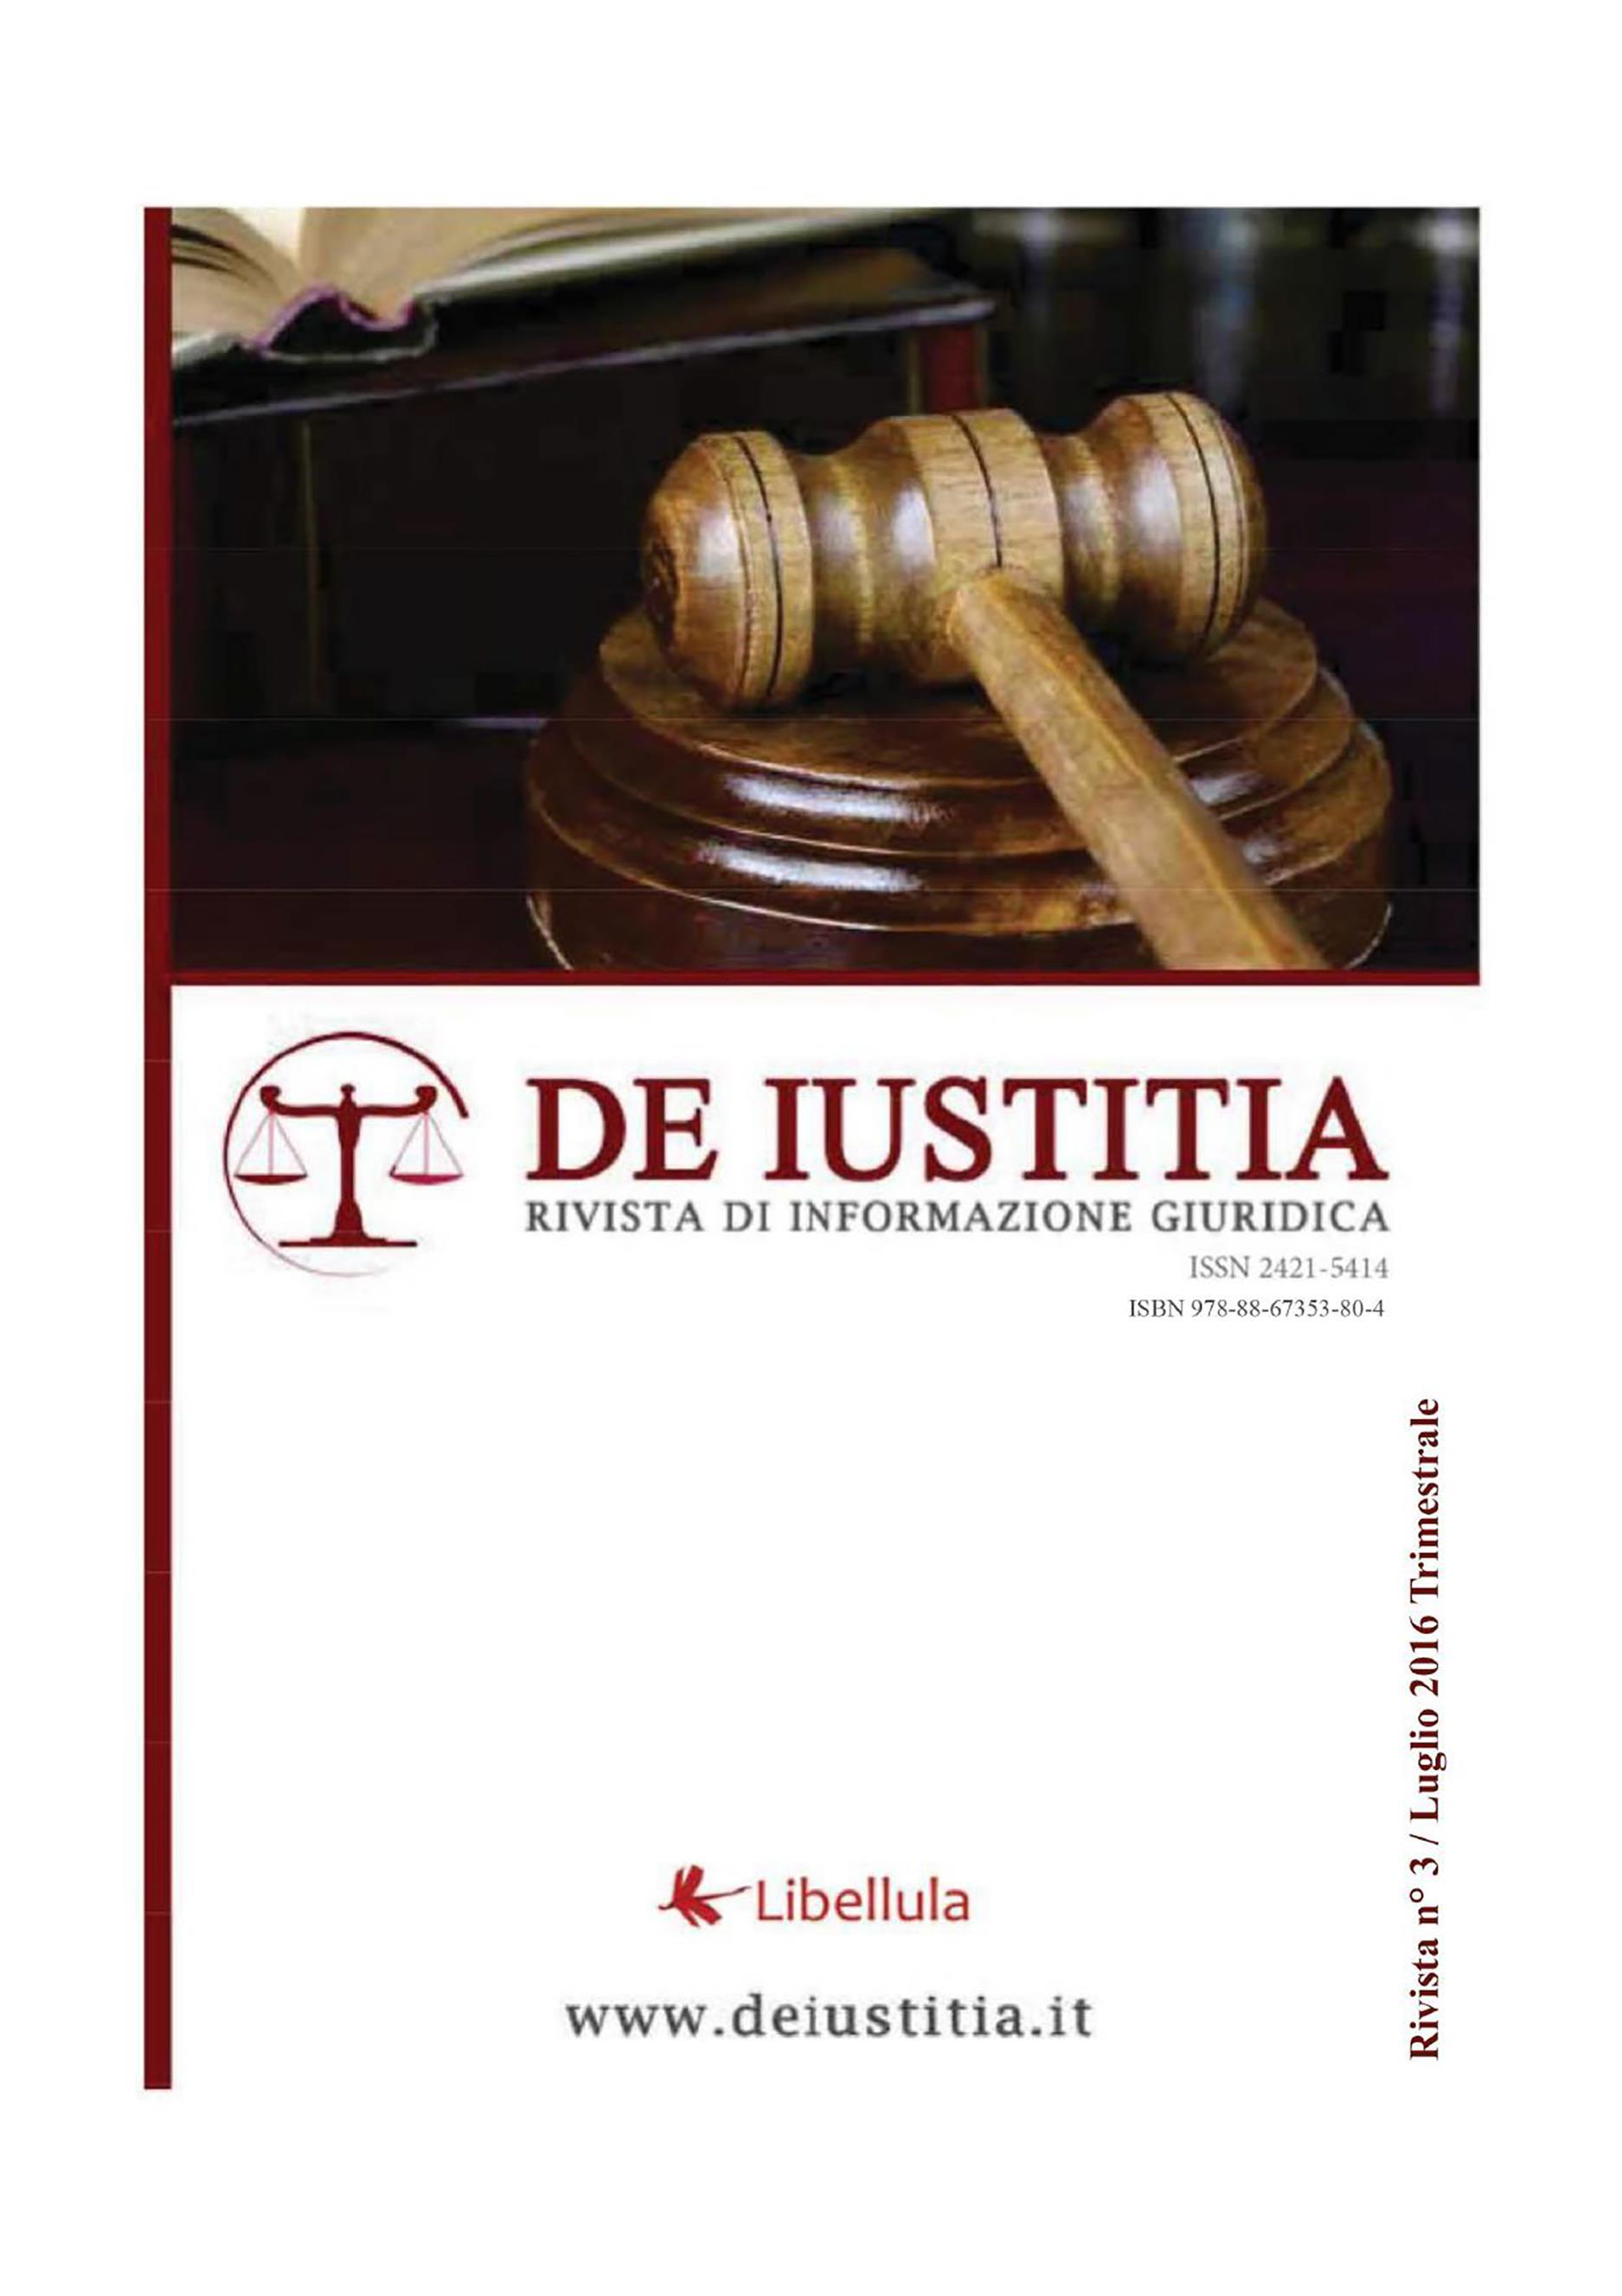 De Iustitia - Rivista di informazione giuridica - N. 3 Luglio 2016